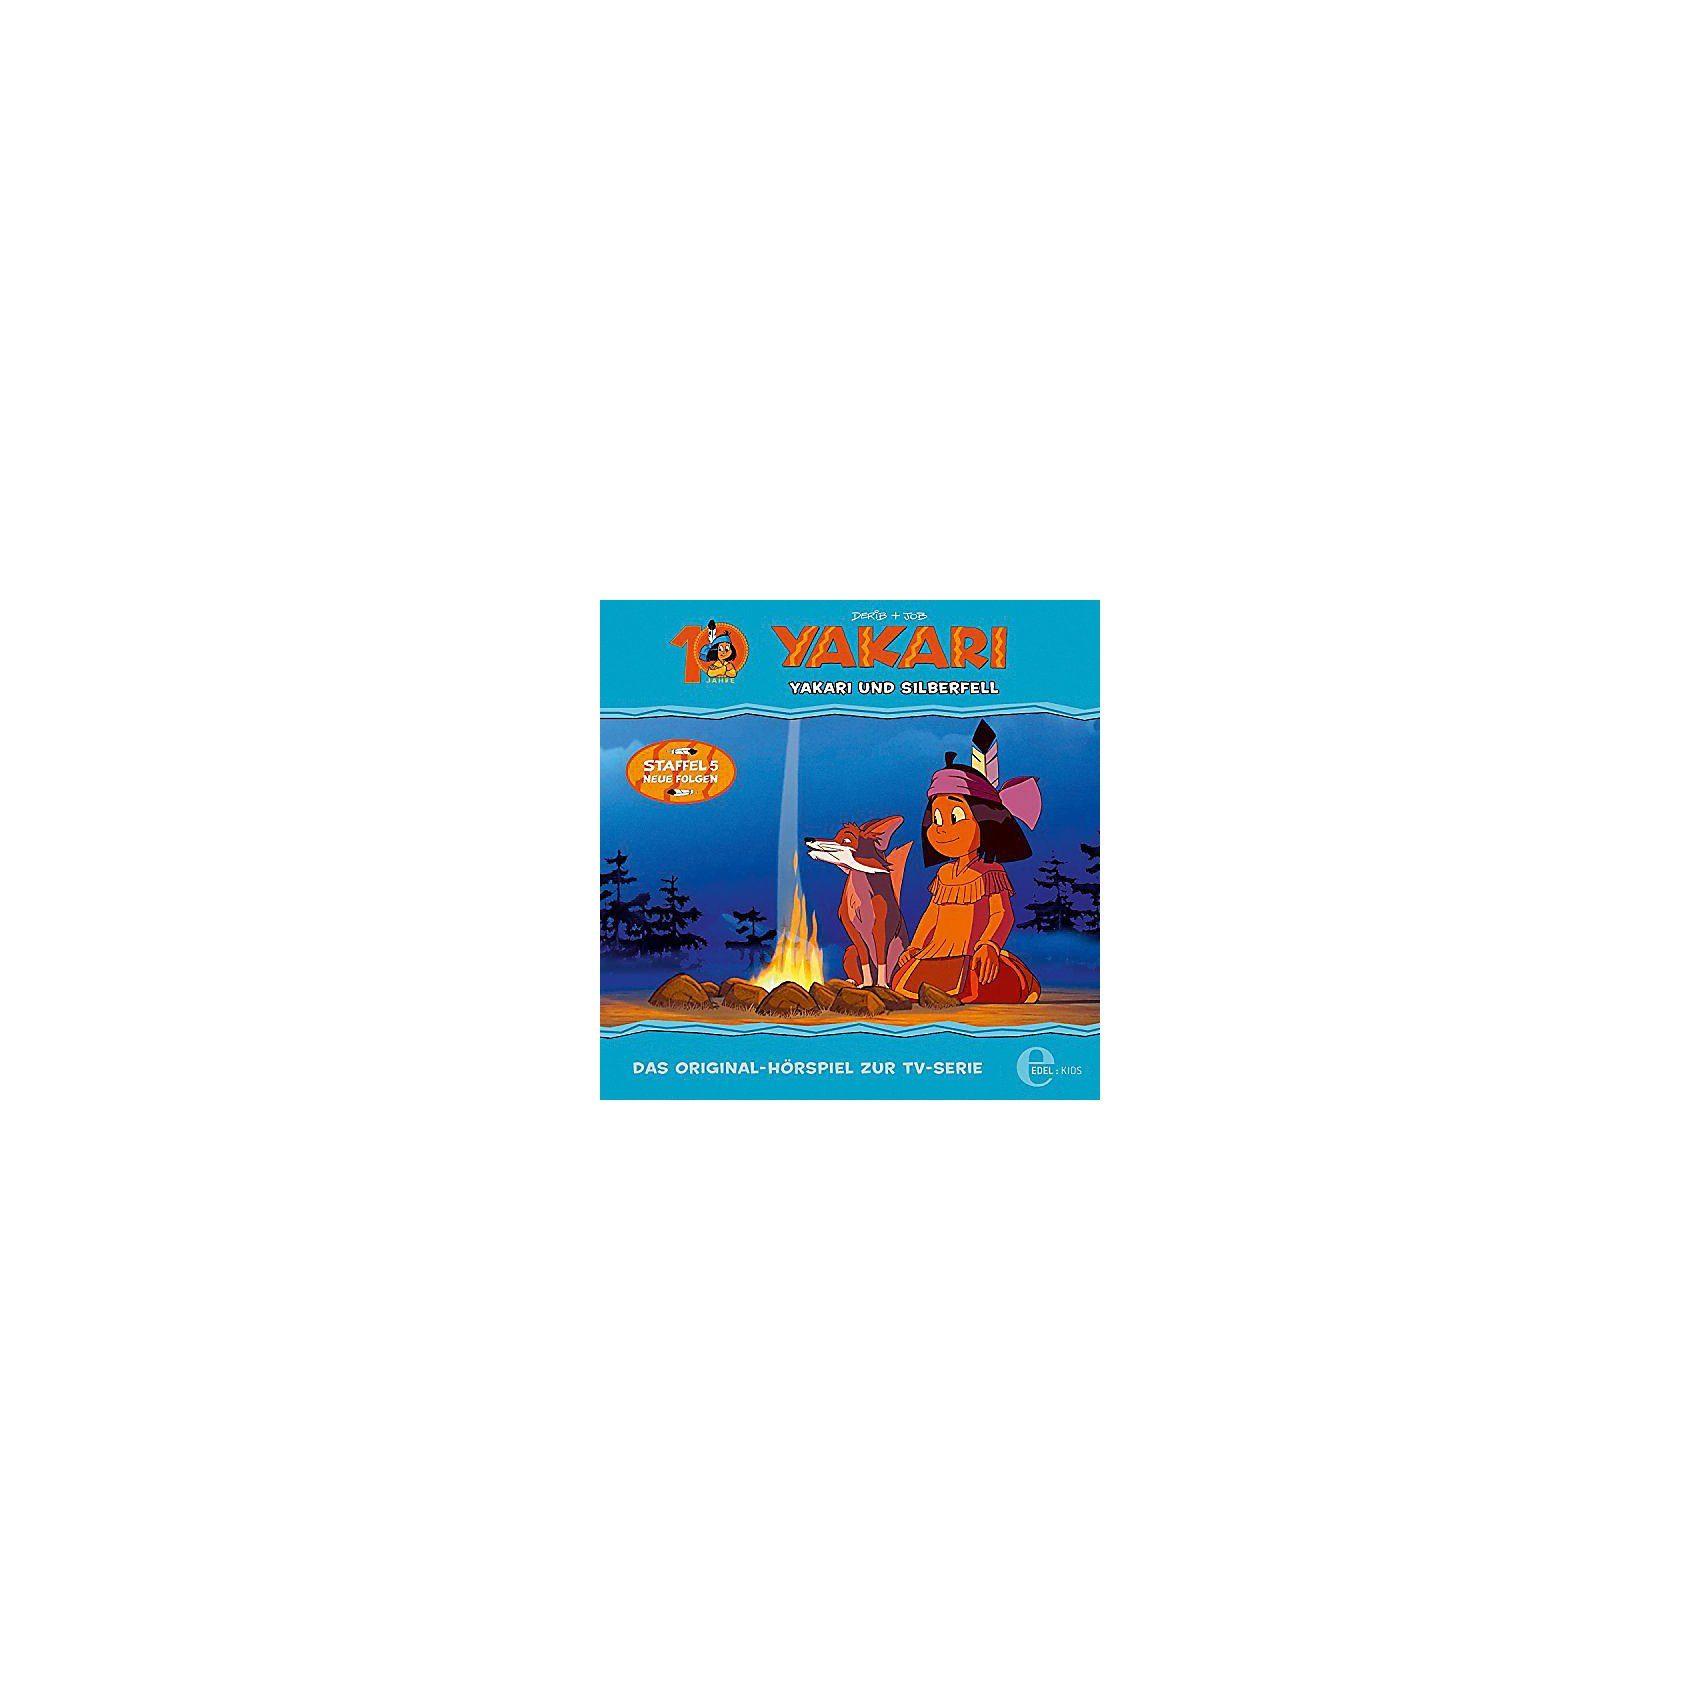 Edel CD Yakari 33 - Yakari und Silberfell